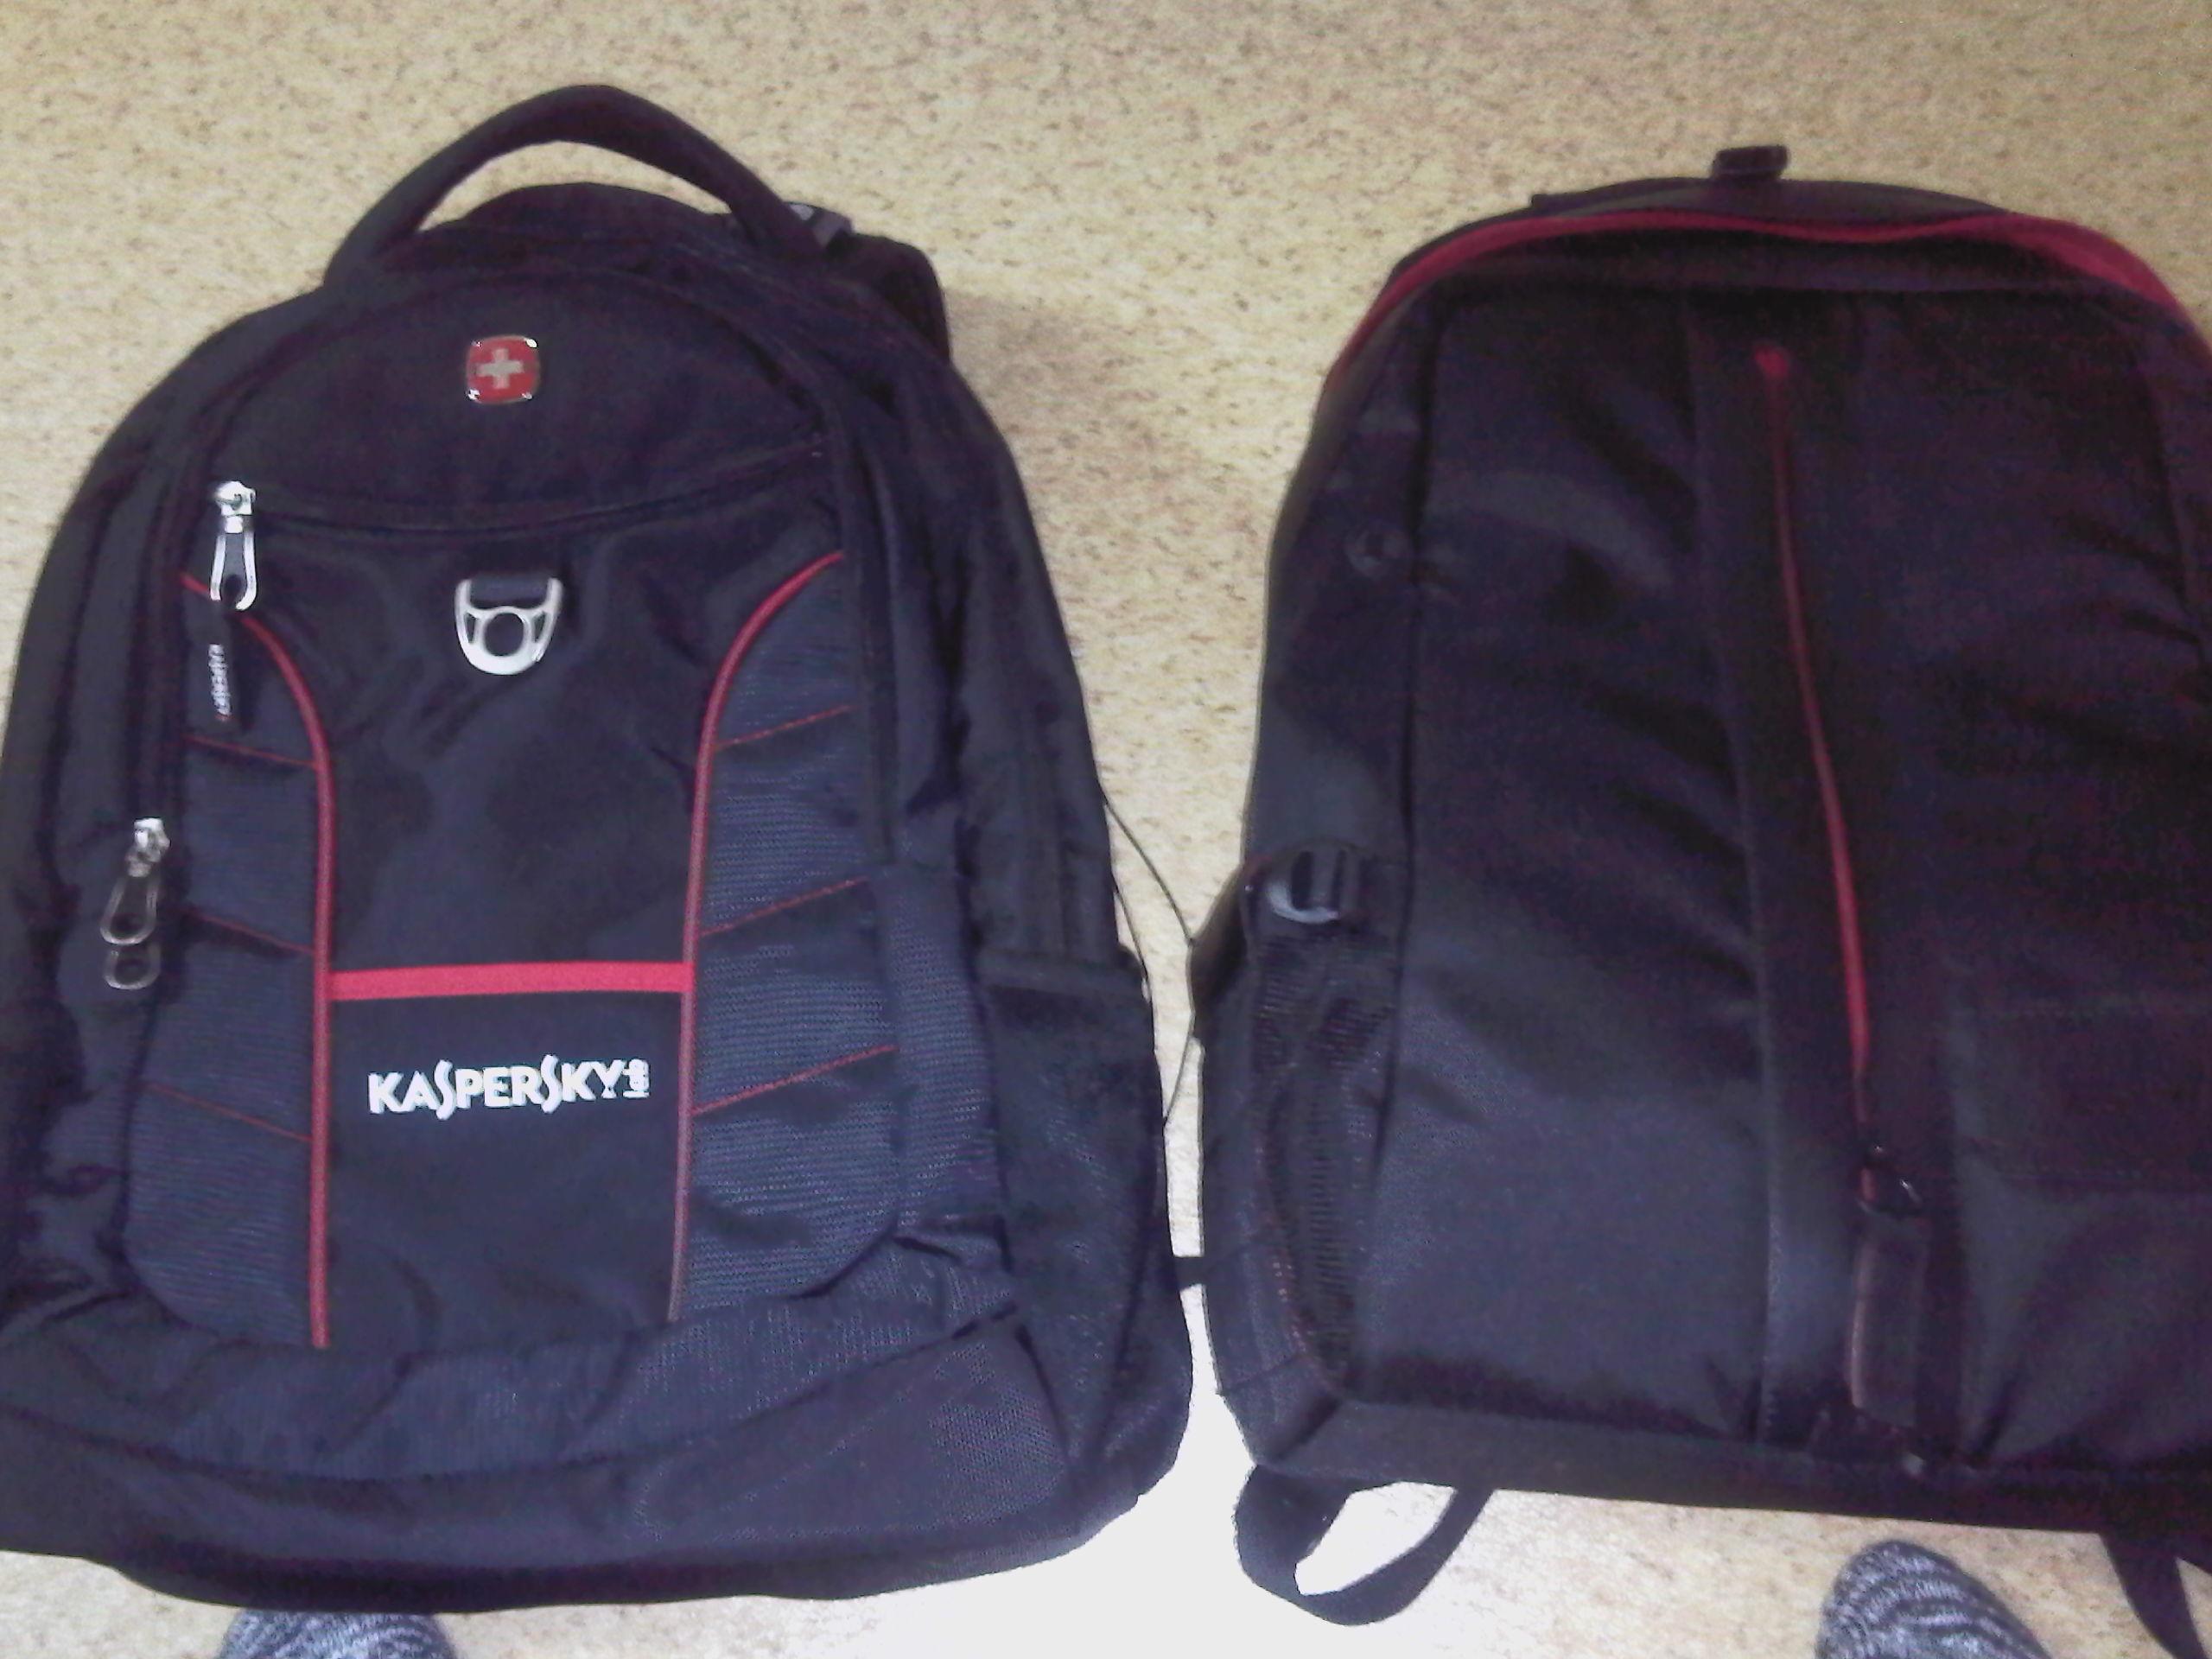 Рюкзак с логотипом касперского купить рюкзак с гидратором